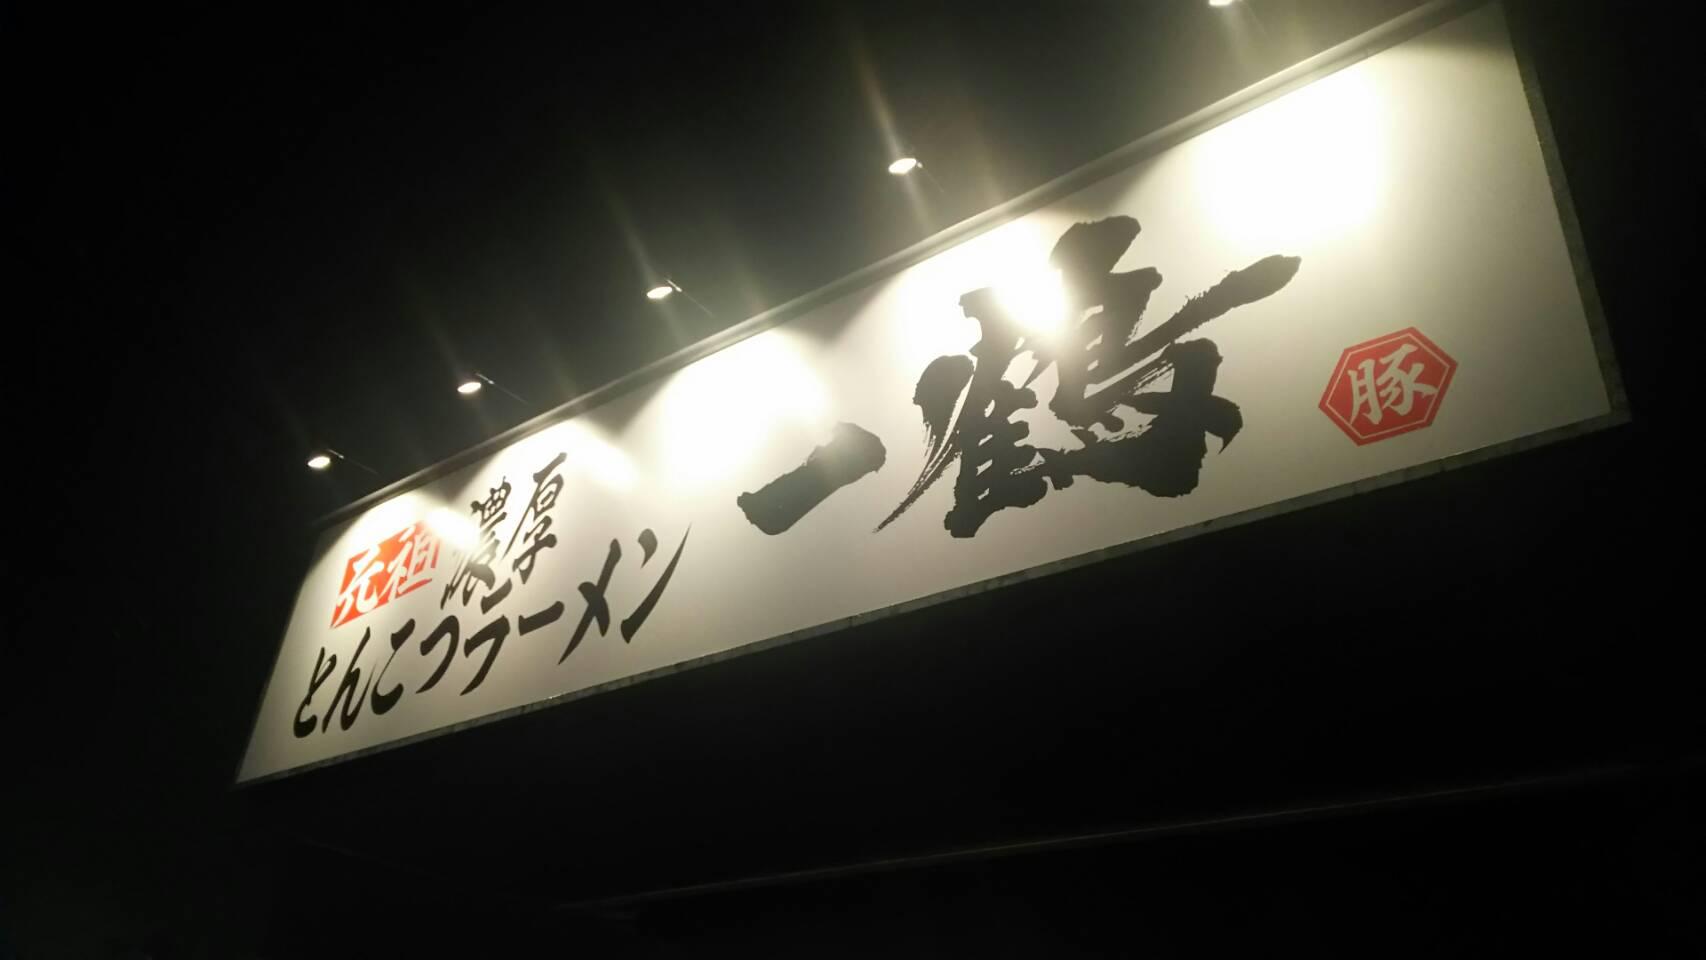 【レビュー】名古屋市港区 濃厚とんこつラーメン 一鶴 港店に行ってきた